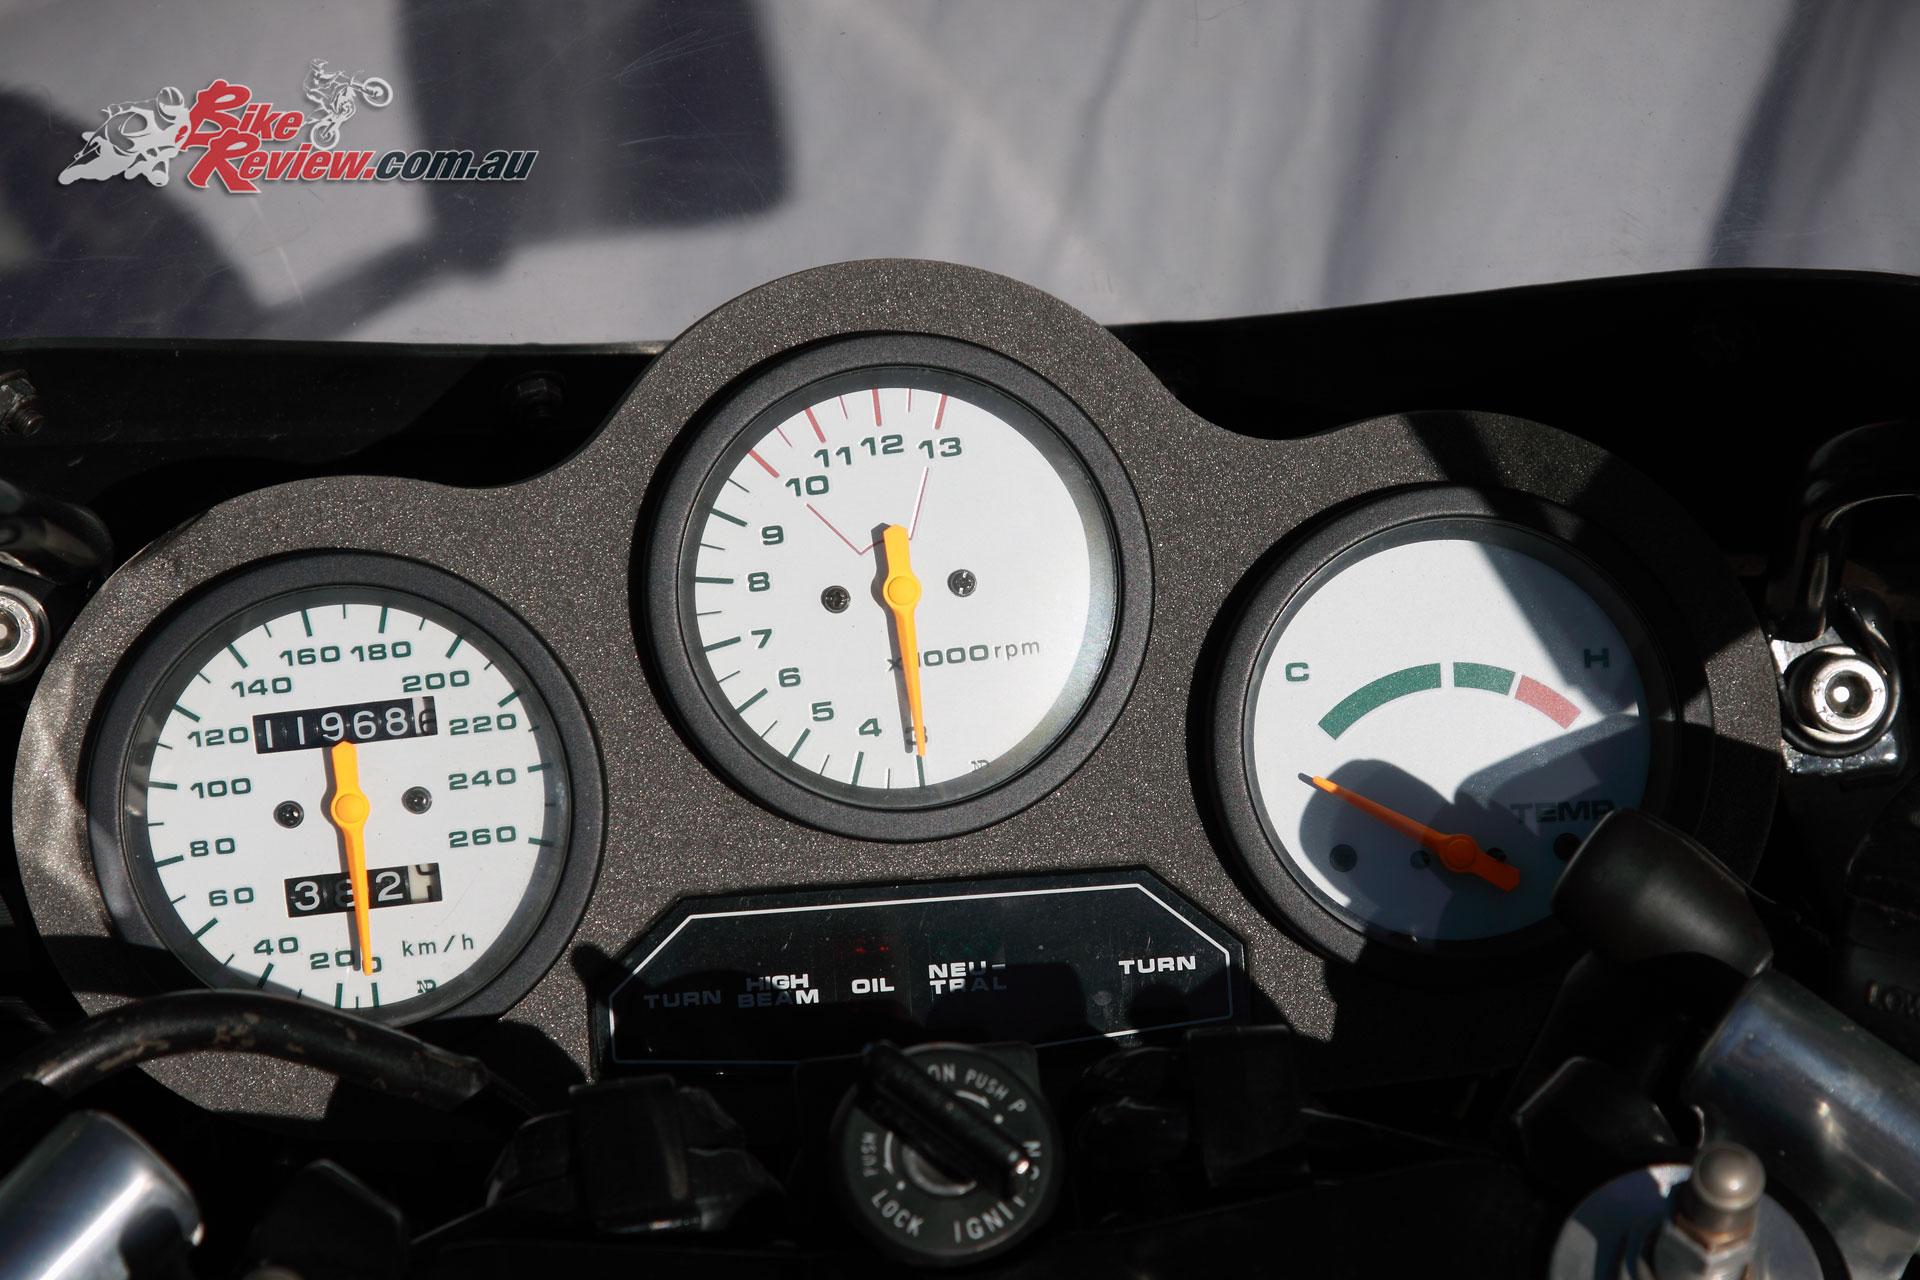 Suzuki RG500 dash